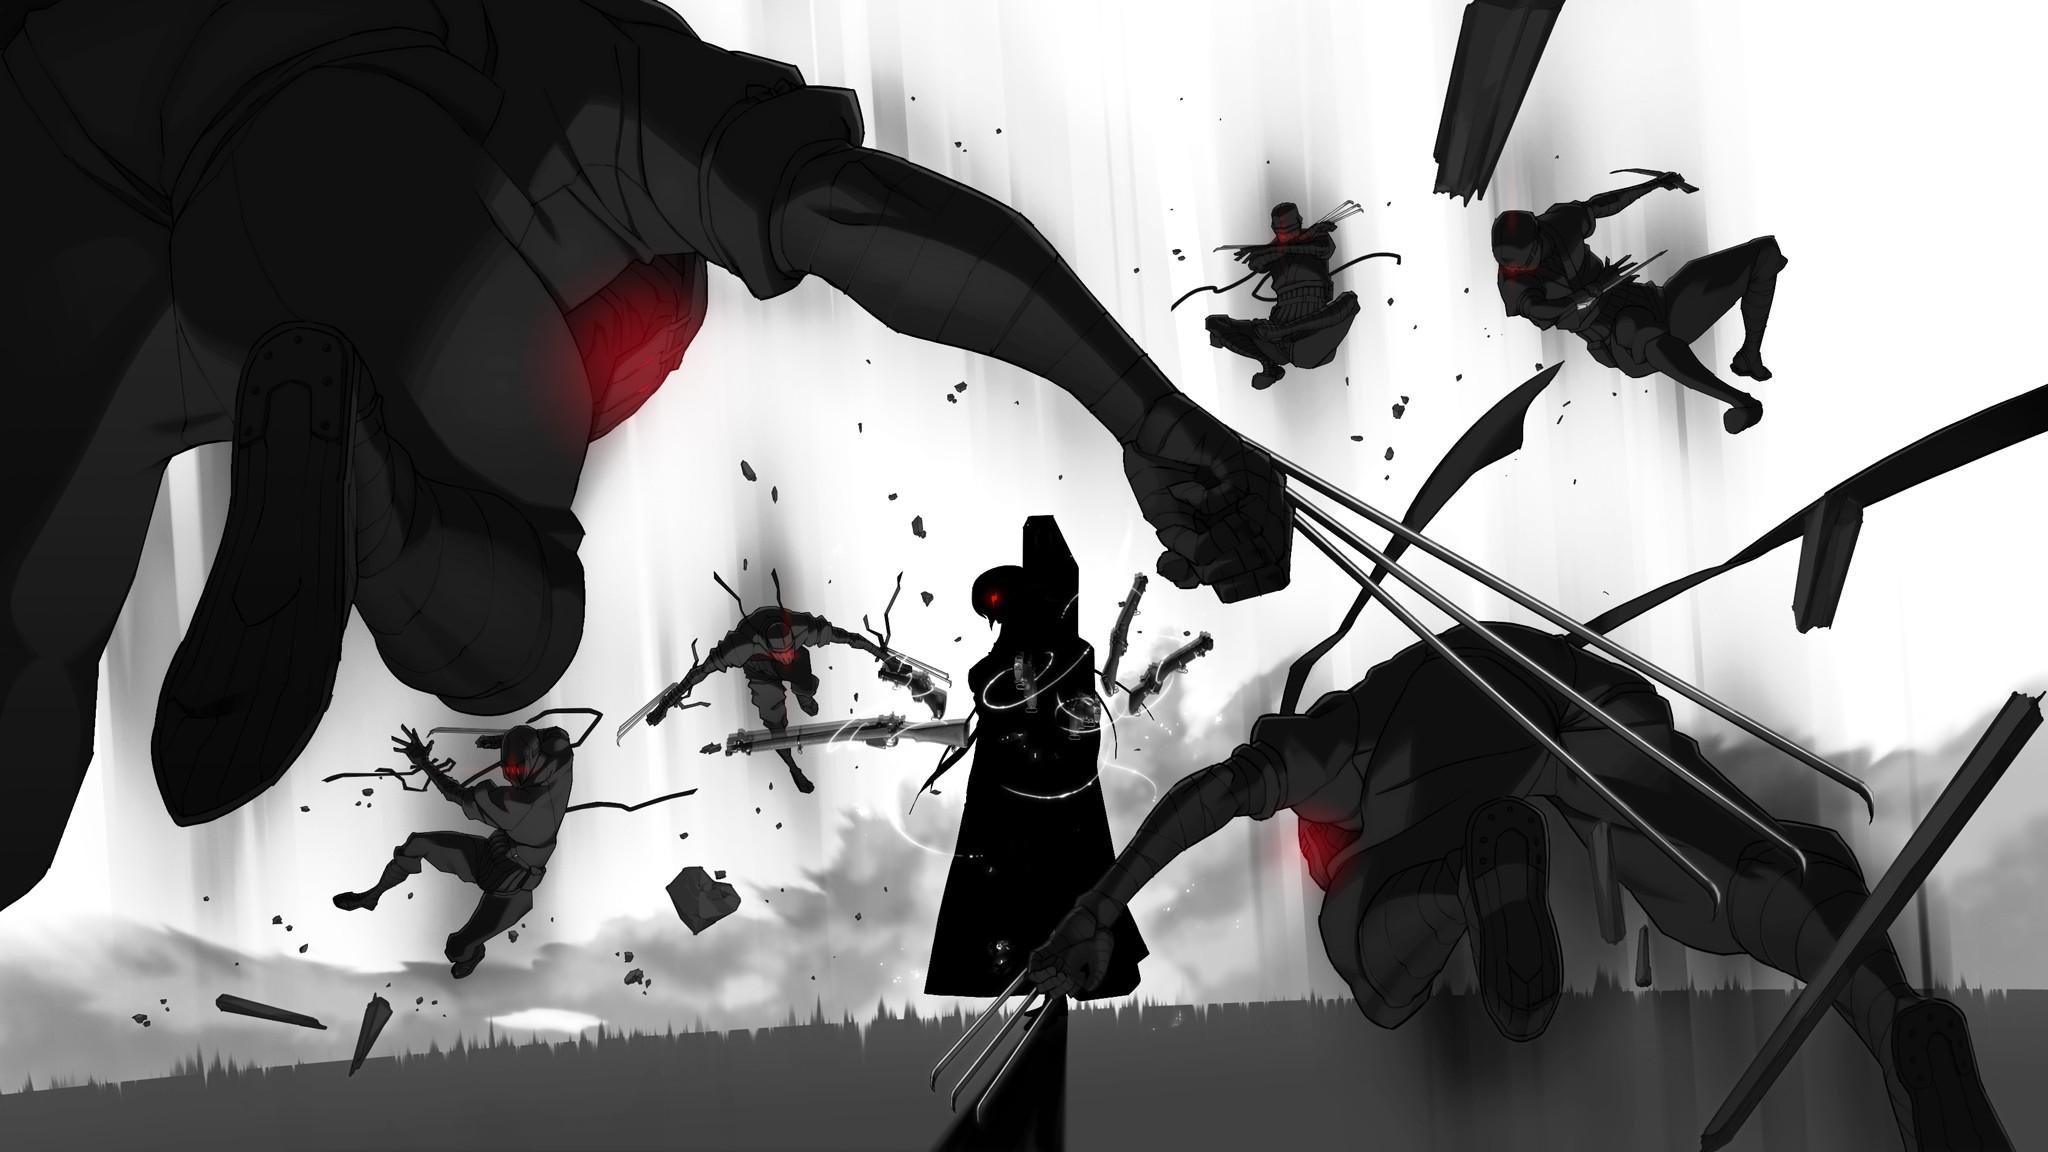 Fond D Ecran Illustration Monochrome Anime Dessin Anime Combat 2048x1152 Px Noir Et Blanc Photographie Monochrome 2048x1152 Coolwallpapers 538223 Fond D Ecran Wallhere